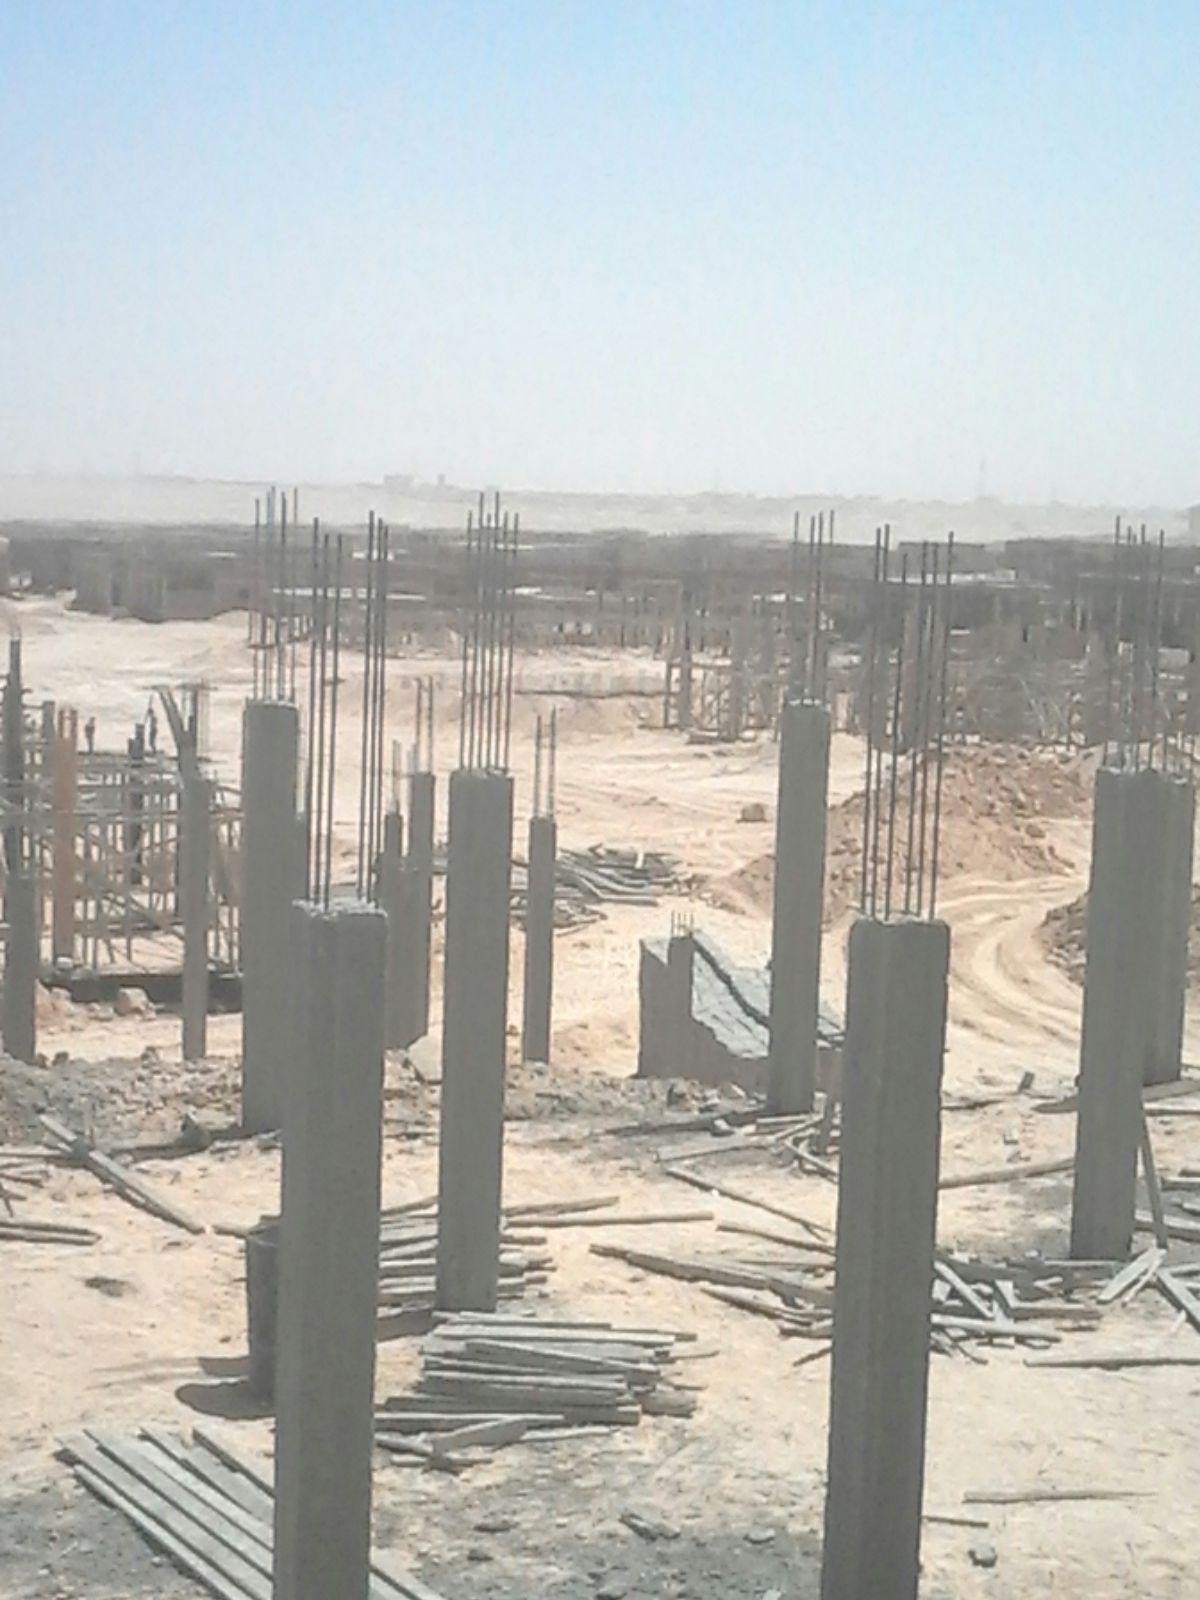 شاهد.. الصور الأولى لبدء بناء مدينة عمال المشروع النووي في الضبعة